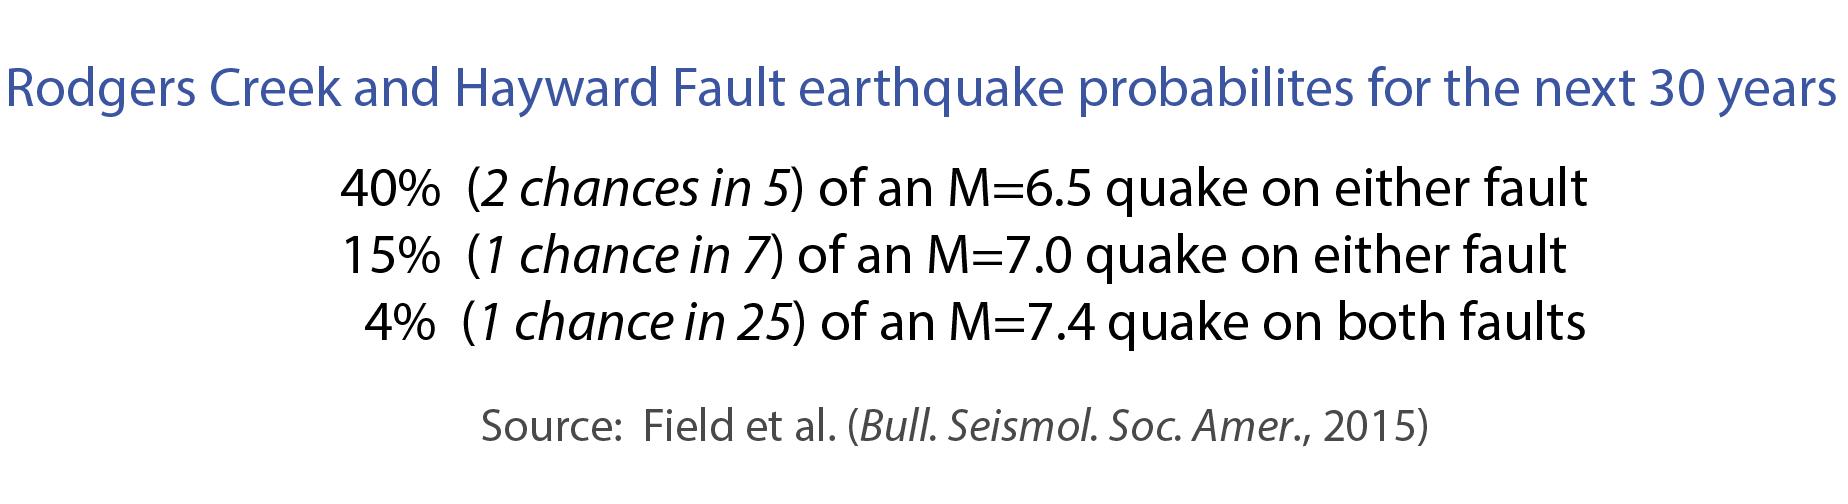 rodgers-creek-hayward-fault-rupture-probabilities